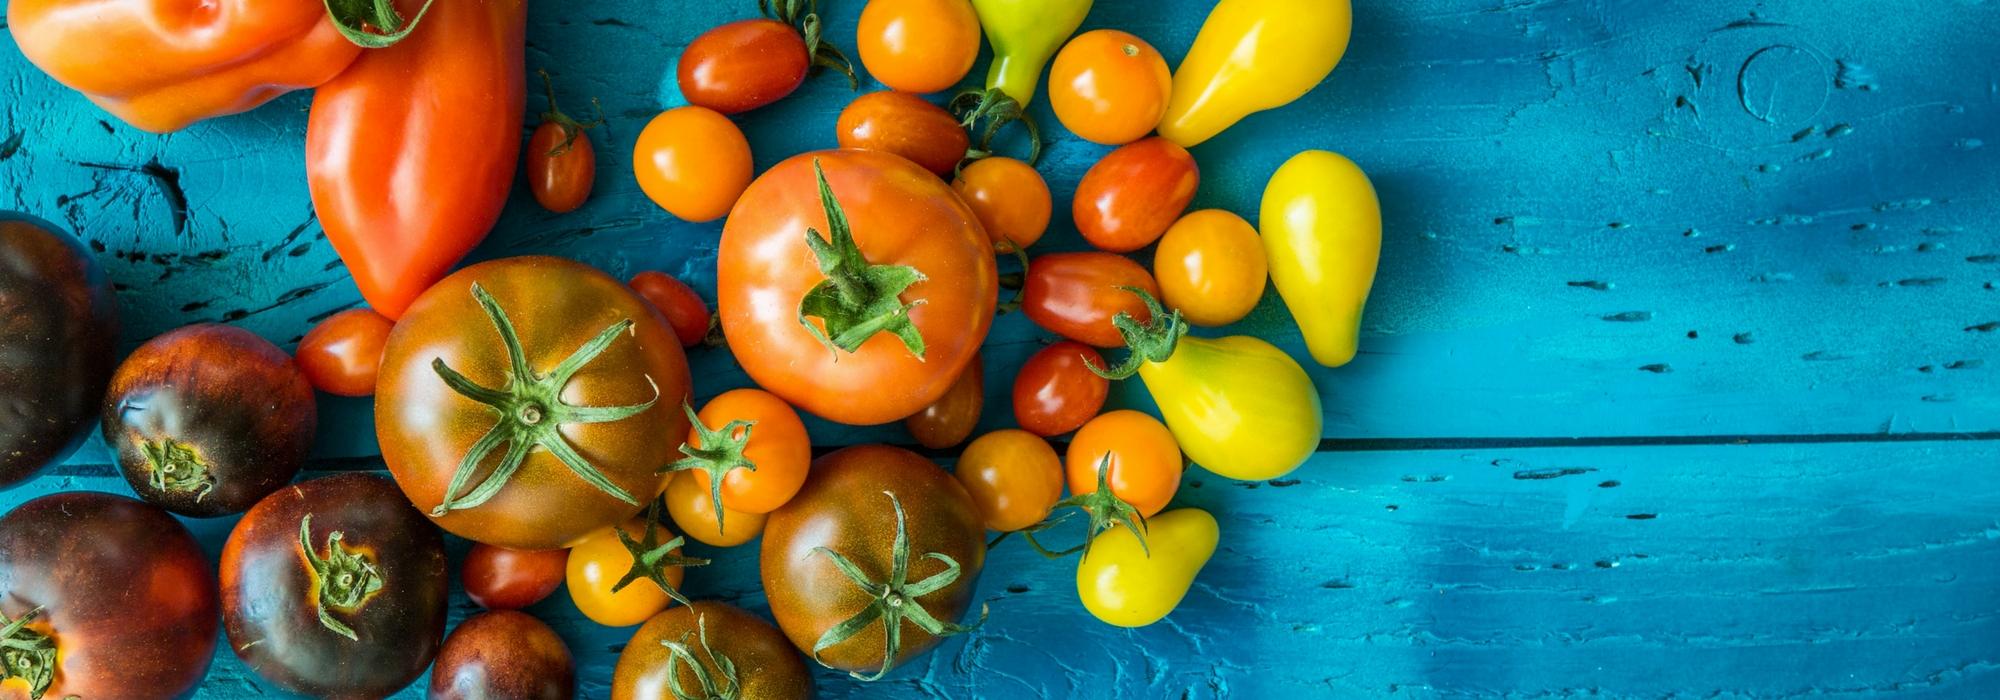 Quand semer les legumes calendrier culture cercle nc vous pouvez commencer vos semis et - Quand planter les legumes ...